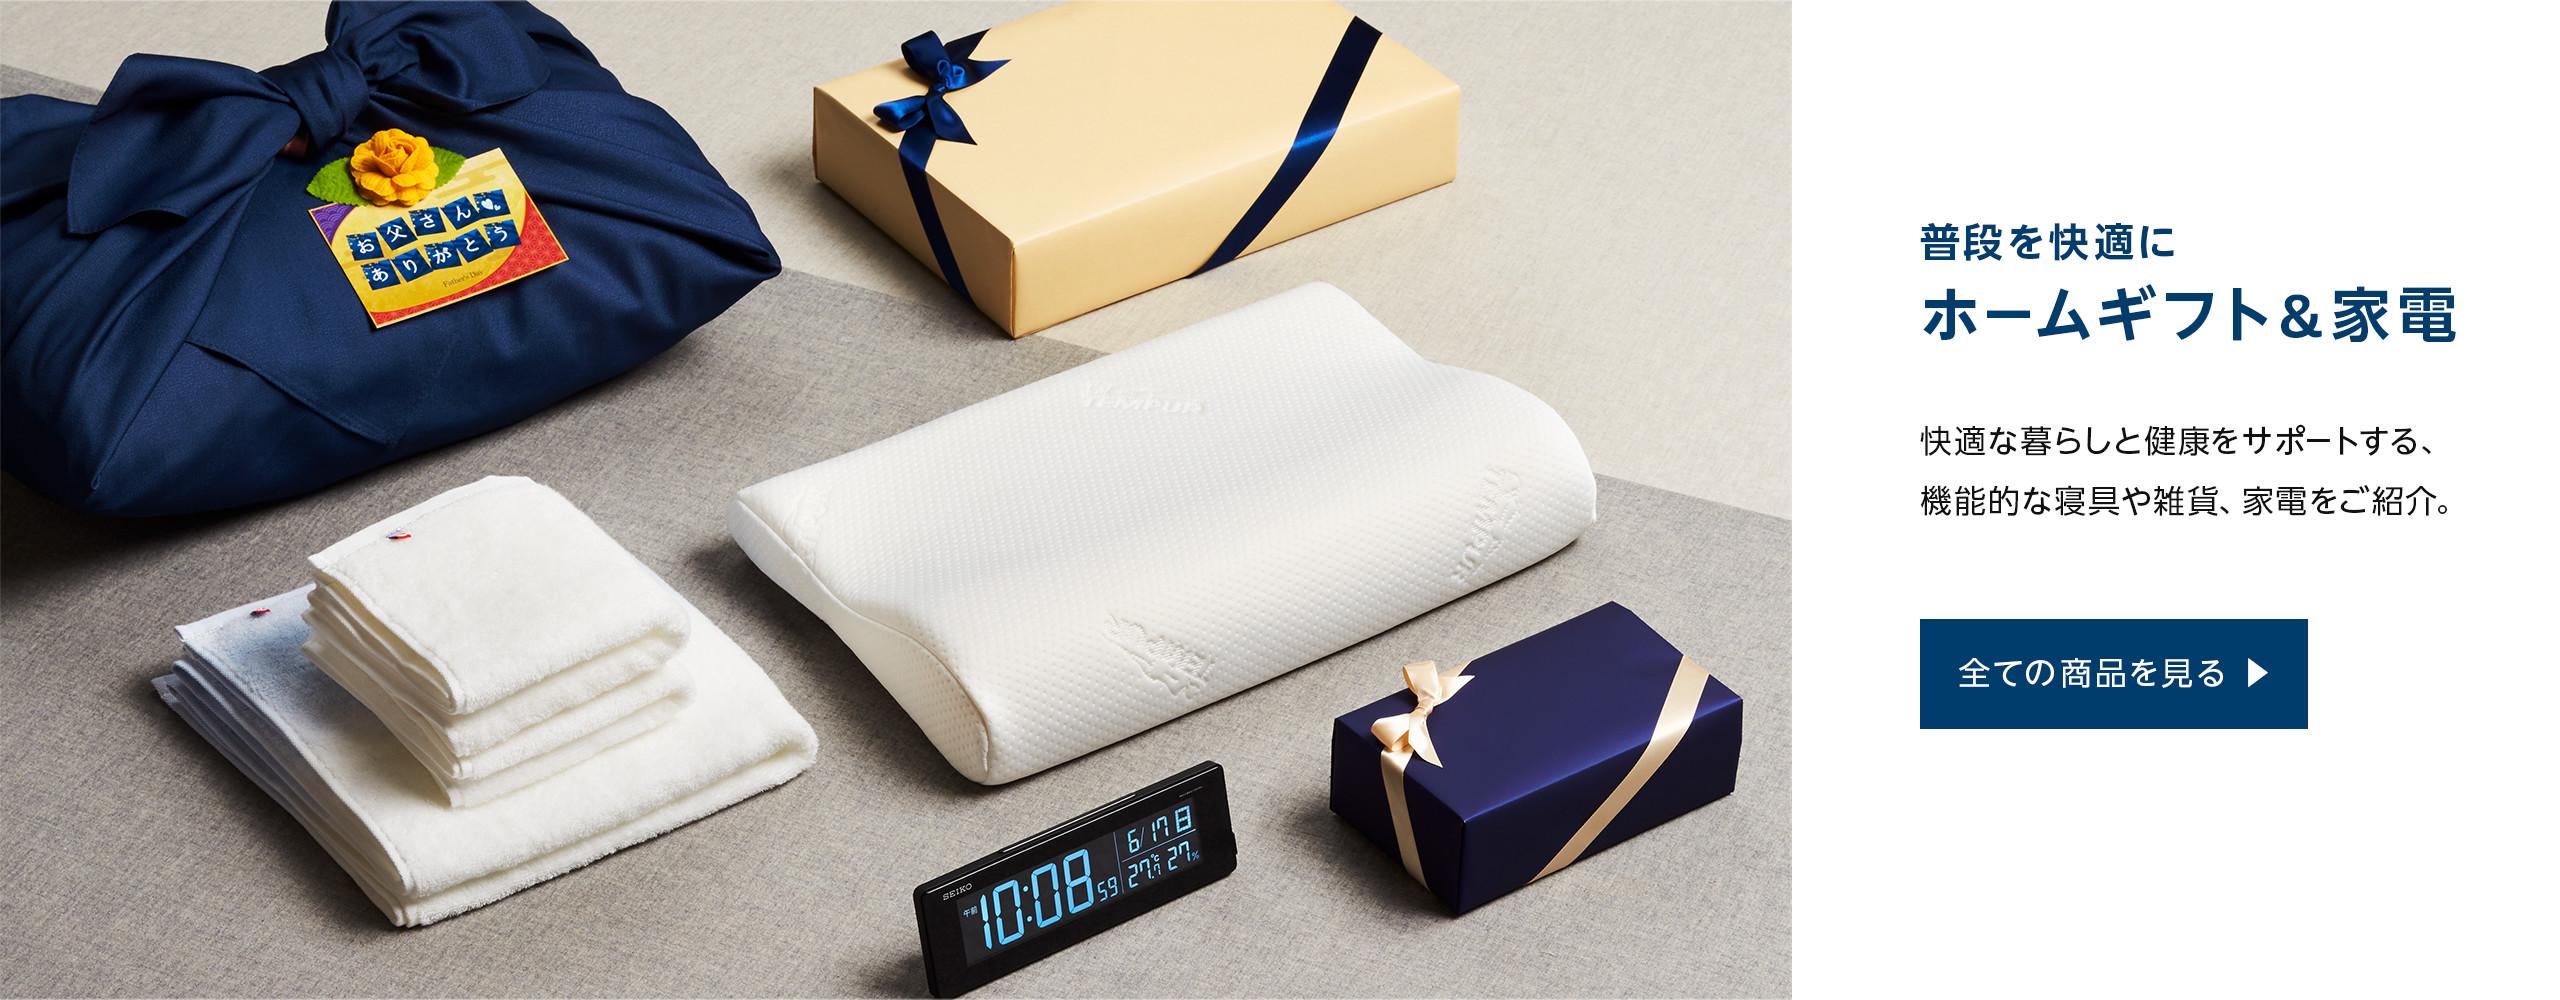 普段を快適にホームギフト&家電 快適な暮らしと健康をサポートする、機能的な寝具や雑貨、家電をご紹介